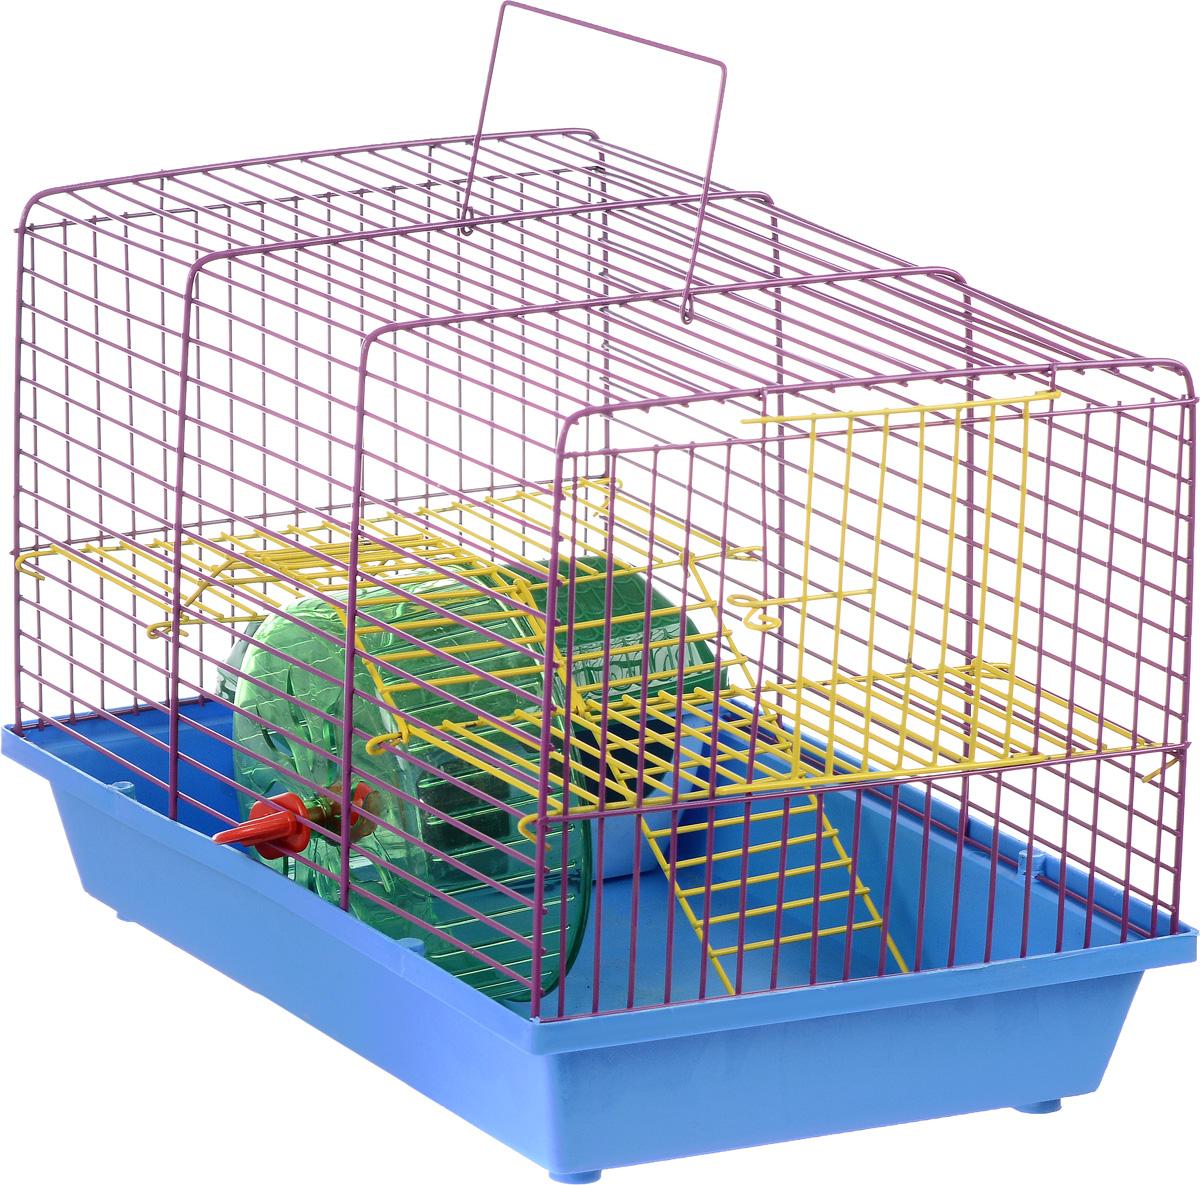 Клетка для грызунов Зоомарк Венеция, 2-этажная, цвет: голубой поддон, фиолетовая решетка, желтый этаж, 36 х 23 х 24 см145к_голубой, фиолетовый, желтыйКлетка Венеция, выполненная из полипропилена и металла, подходит для мелких грызунов. Изделие двухэтажное, оборудовано колесом для подвижных игр и пластиковым домиком. Клетка имеет яркий поддон, удобна в использовании и легко чистится. Сверху имеется ручка для переноски. Такая клетка станет уединенным личным пространством и уютным домиком для маленького грызуна.